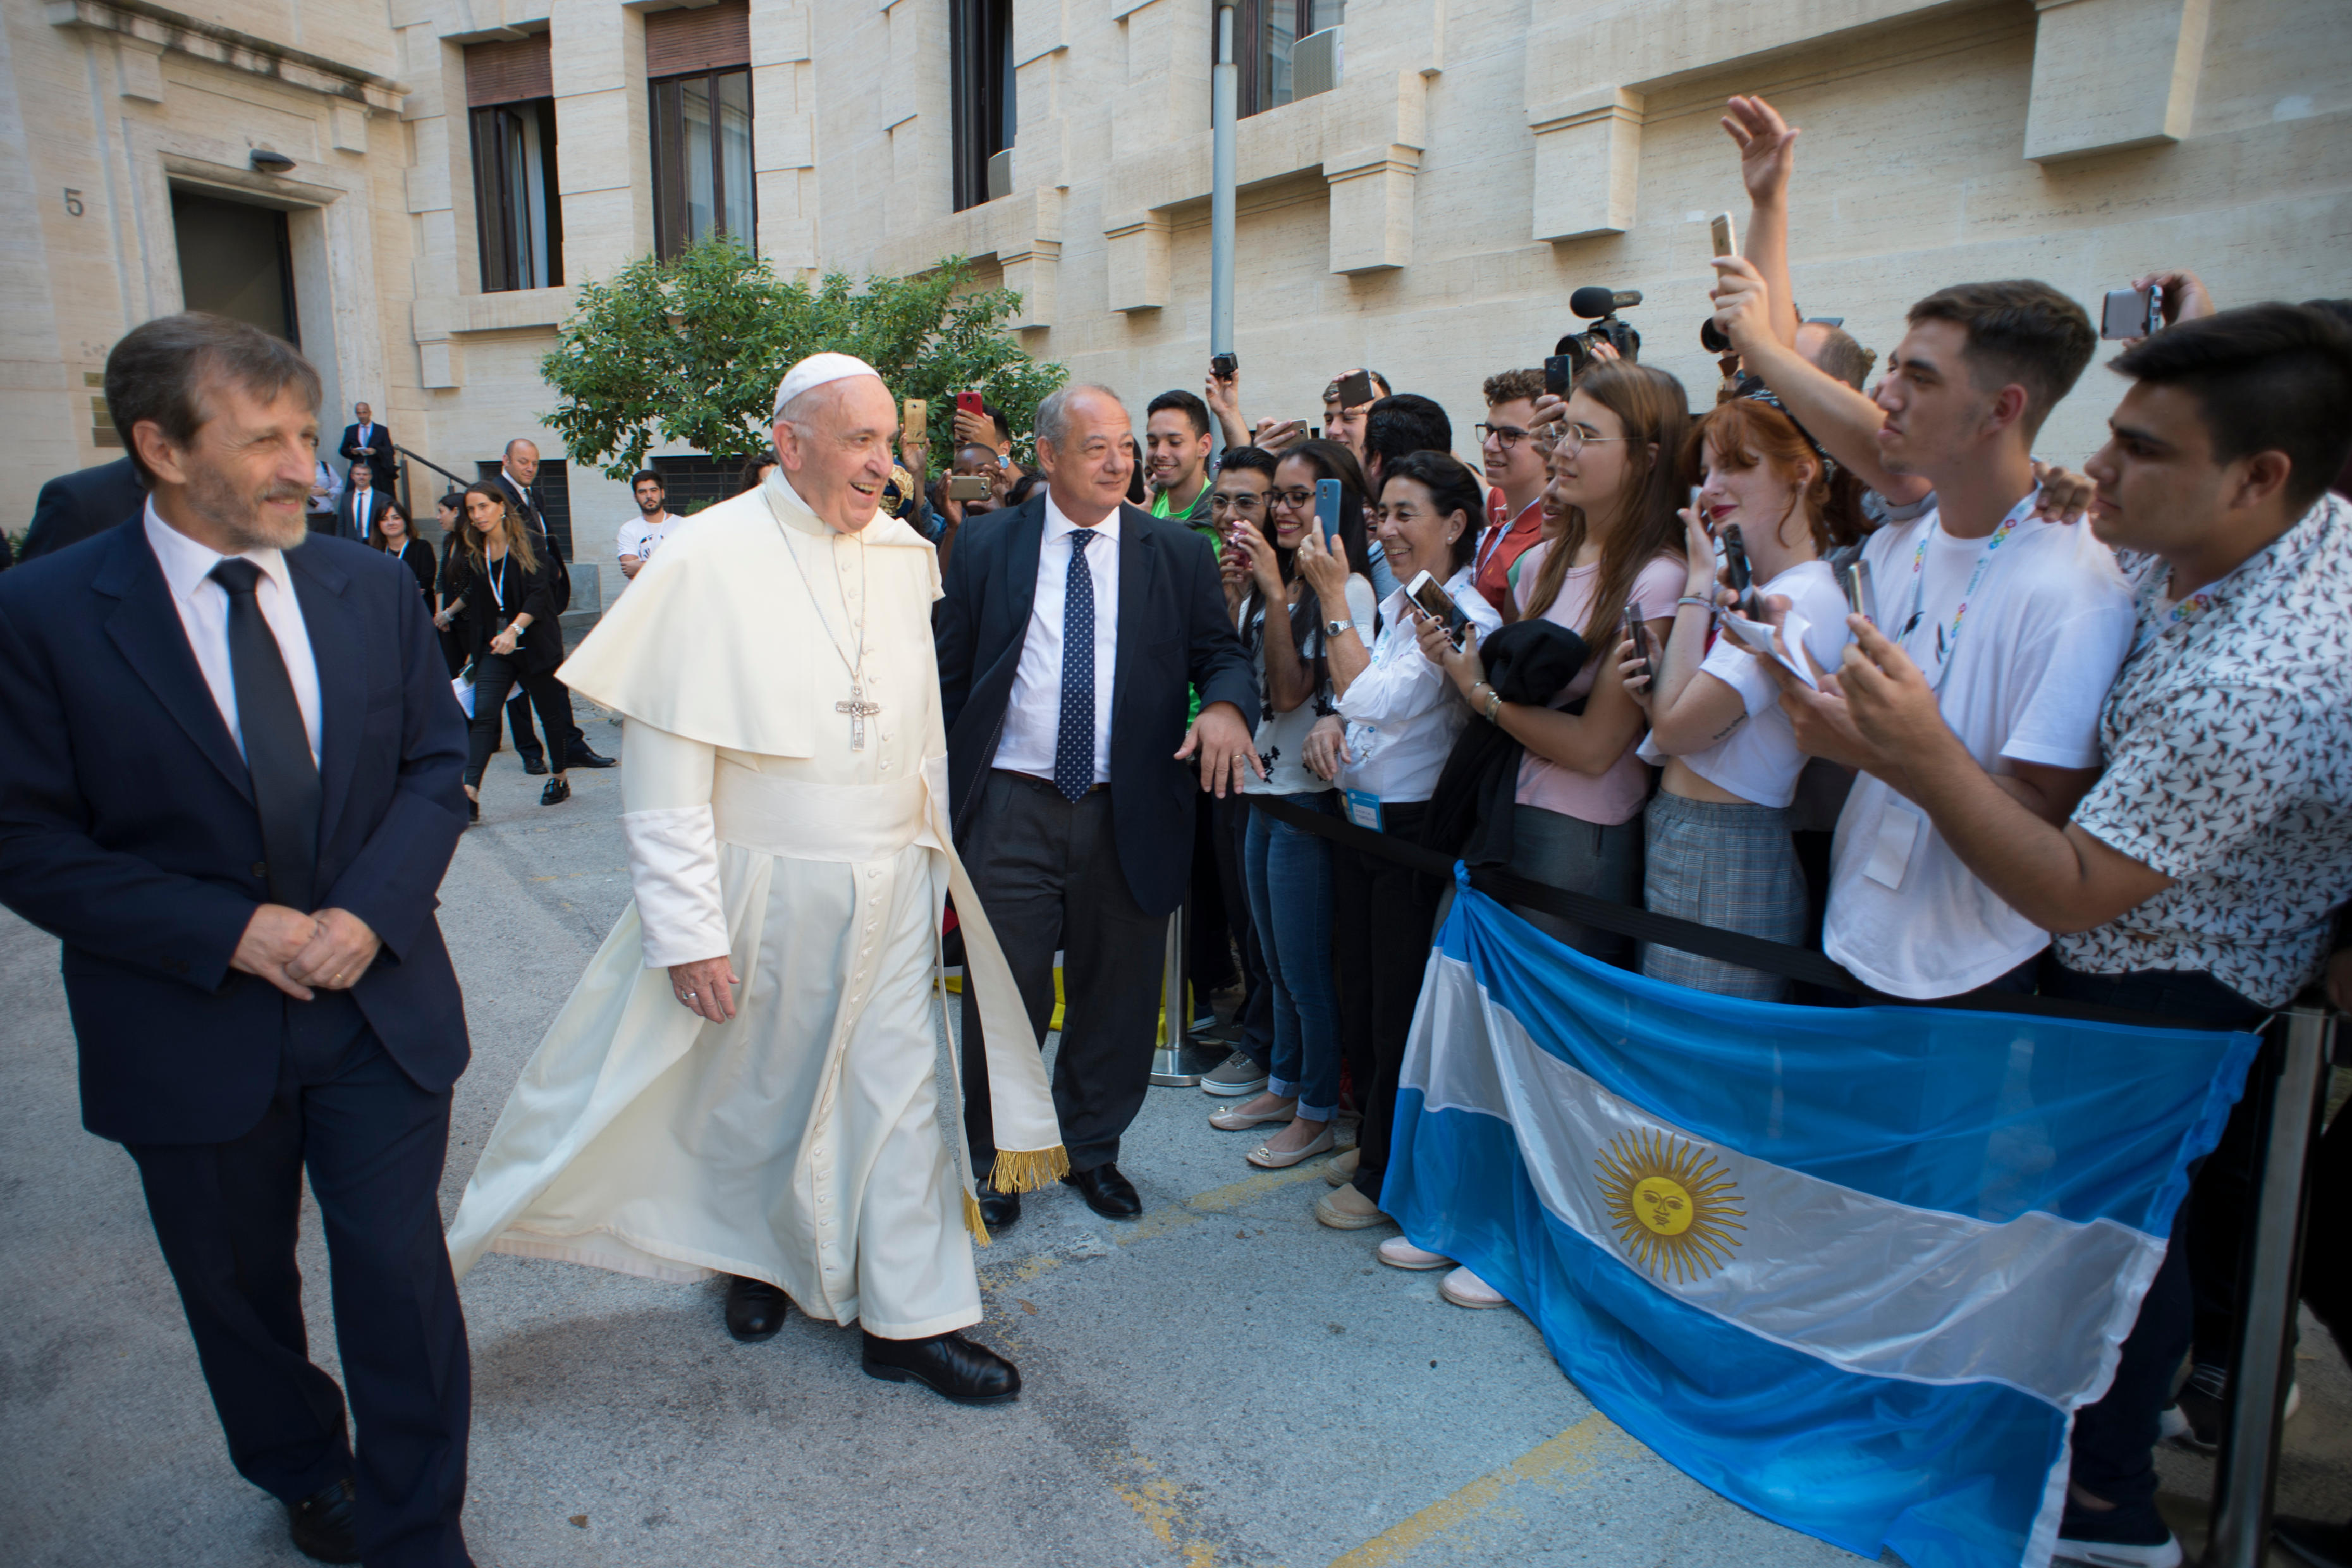 El Papa llega a la sede de Scholas Occurrentes en el Vaticano © Vatican Media